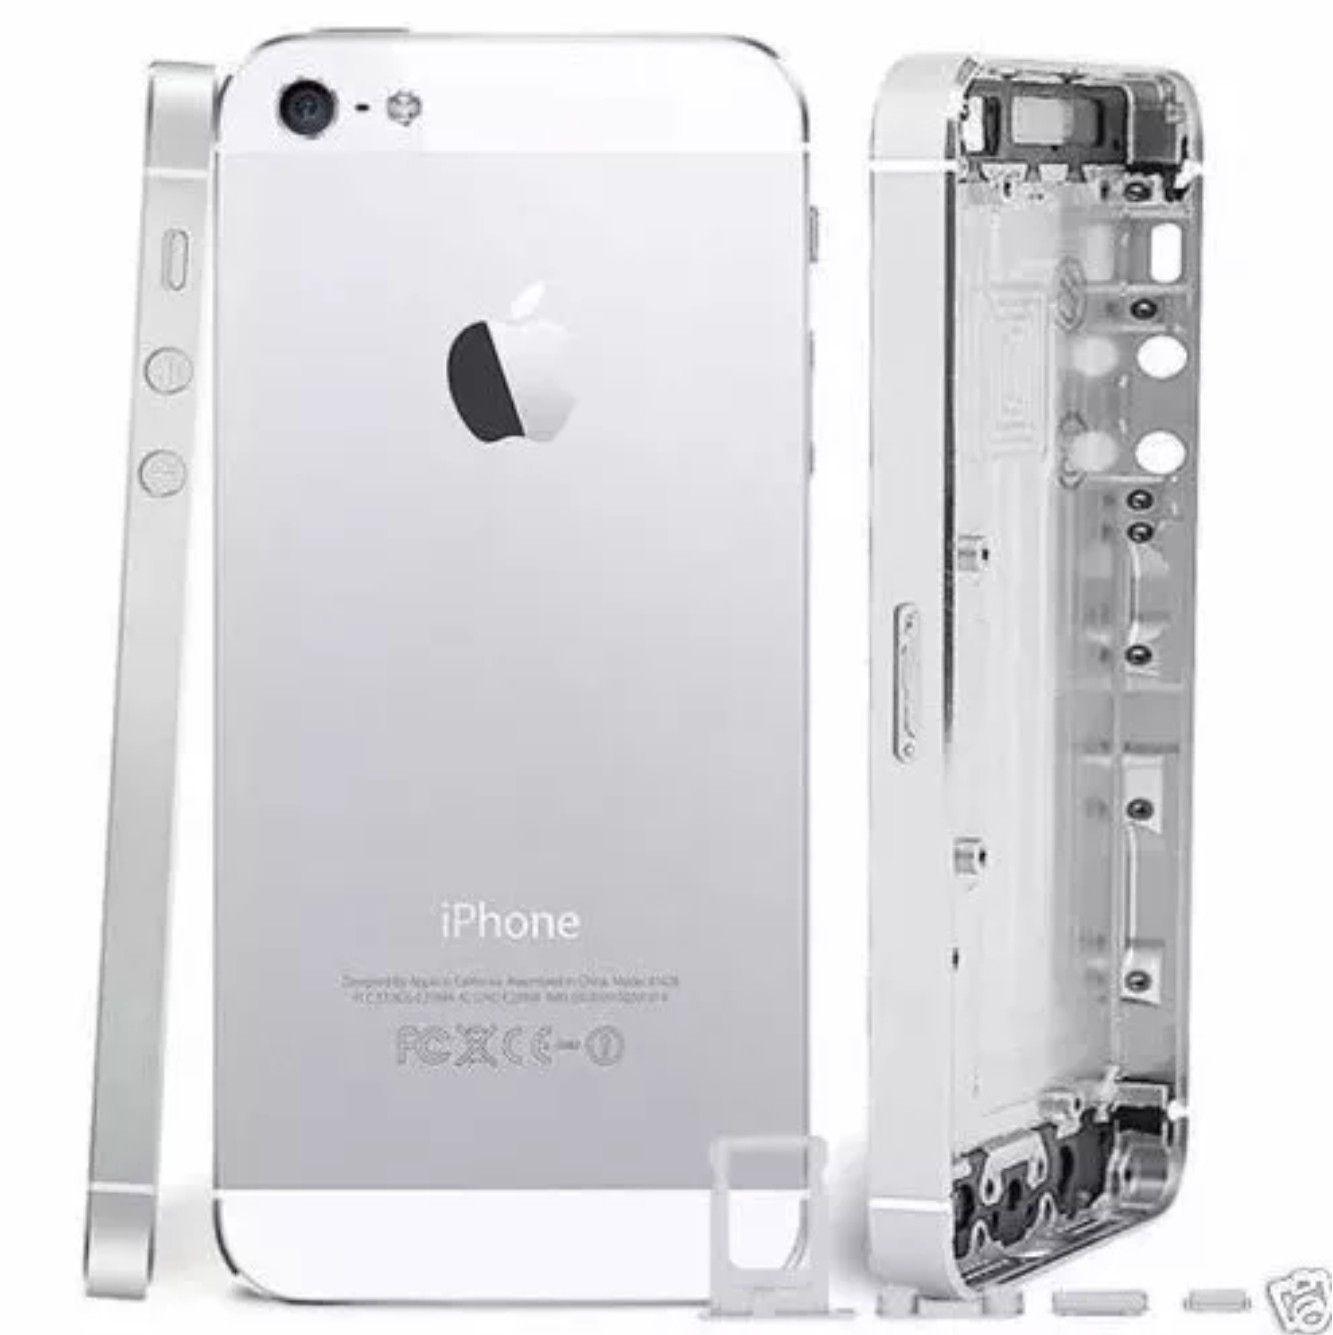 Carcaça Completa Iphone 5 5g